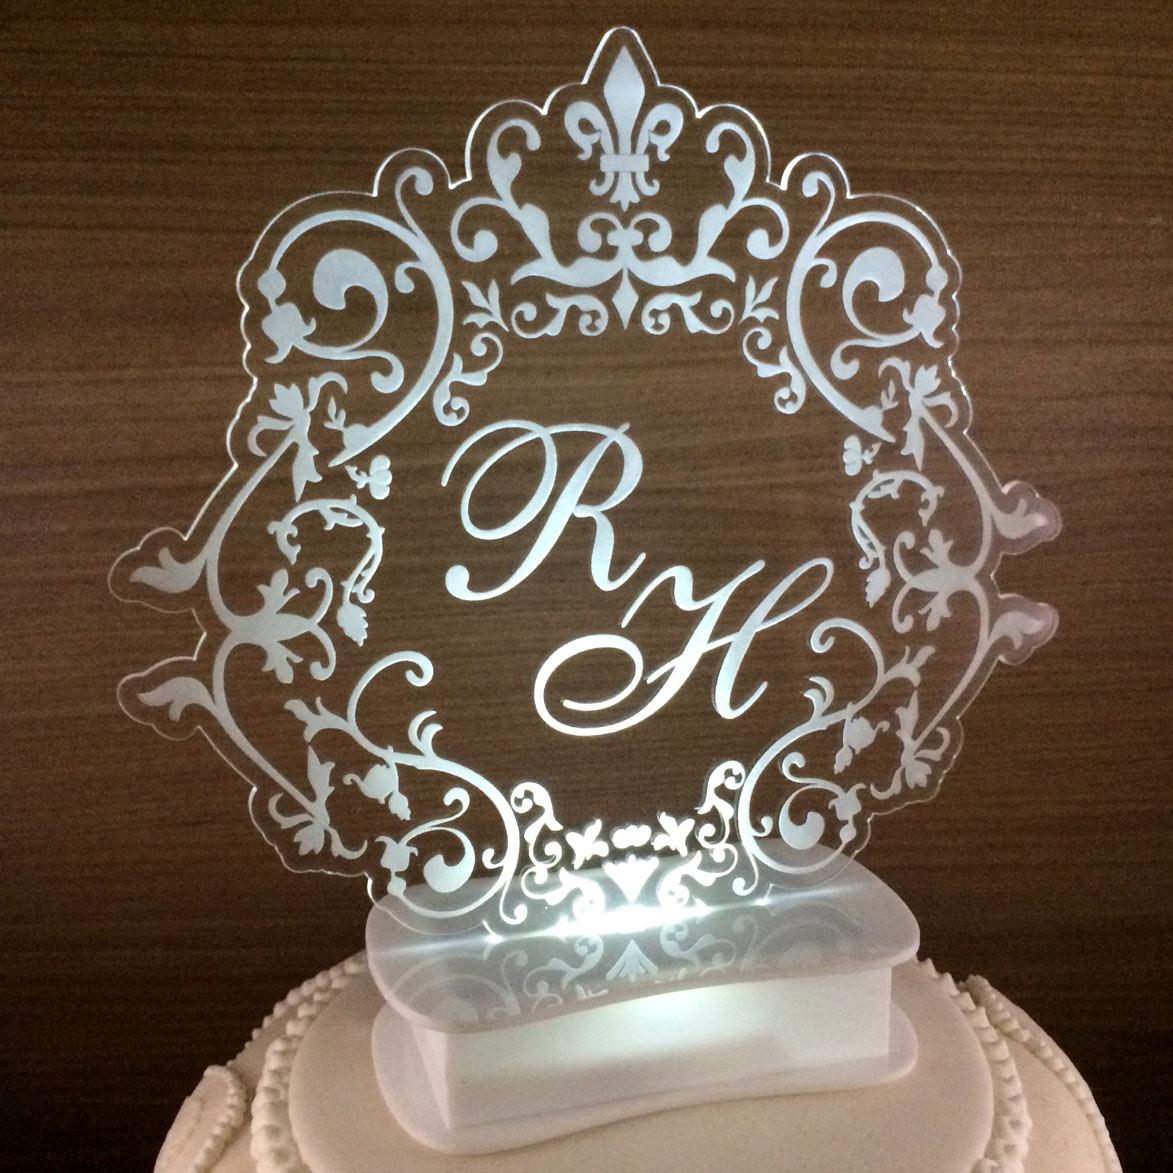 Topo de bolo iluminado com Led - Brasão (M04)